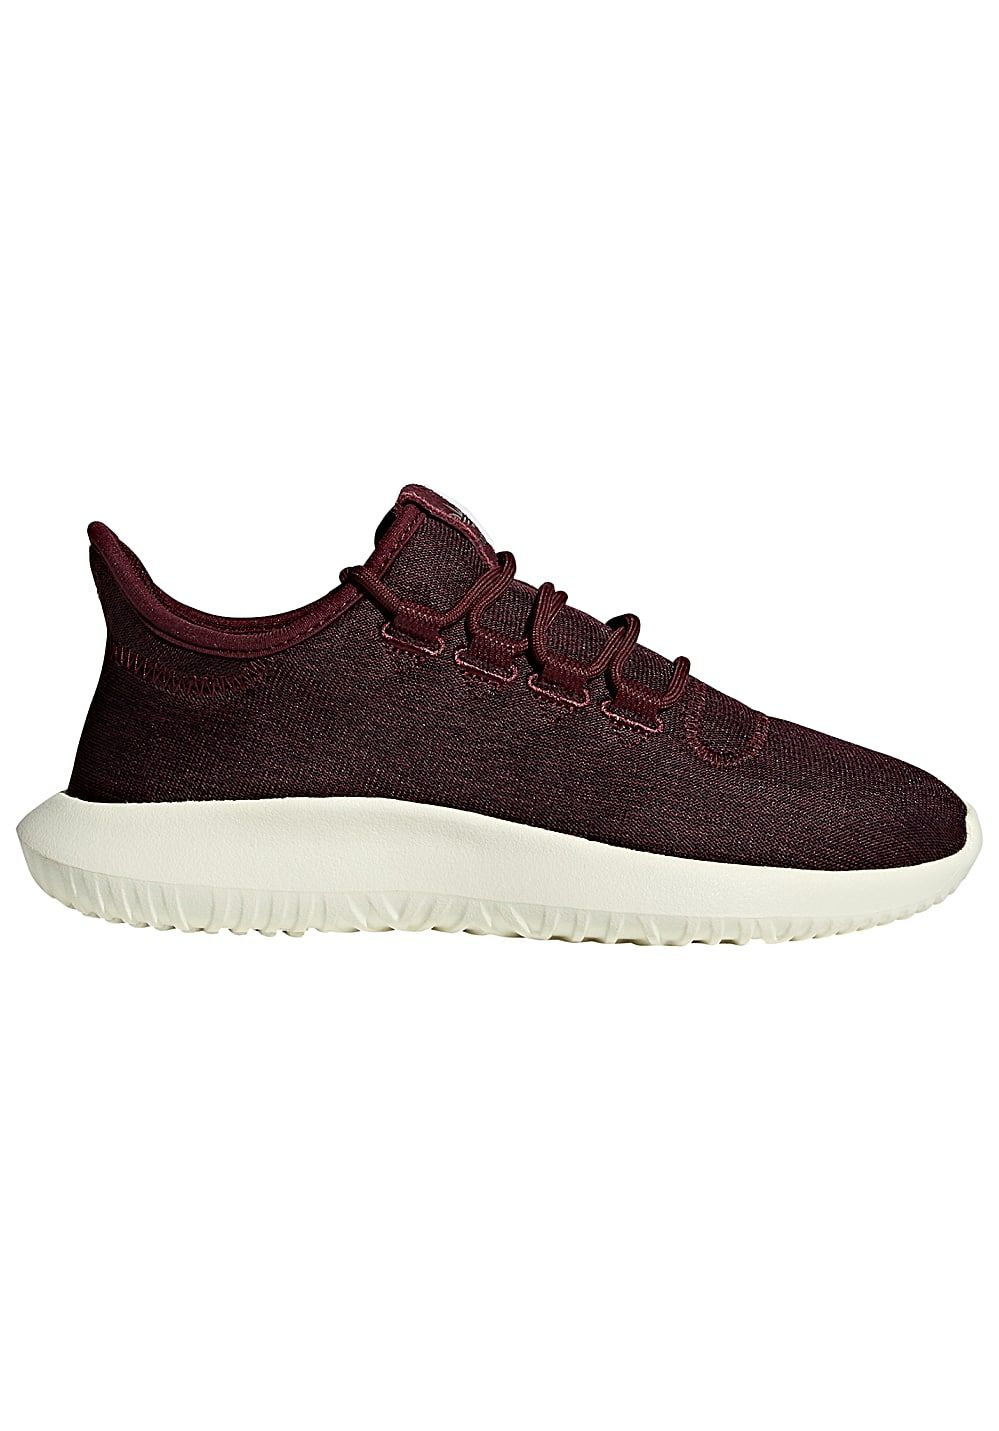 nouvelle arrivee 08d88 2f071 greece femmes rouge adidas tubular 53dea d6642